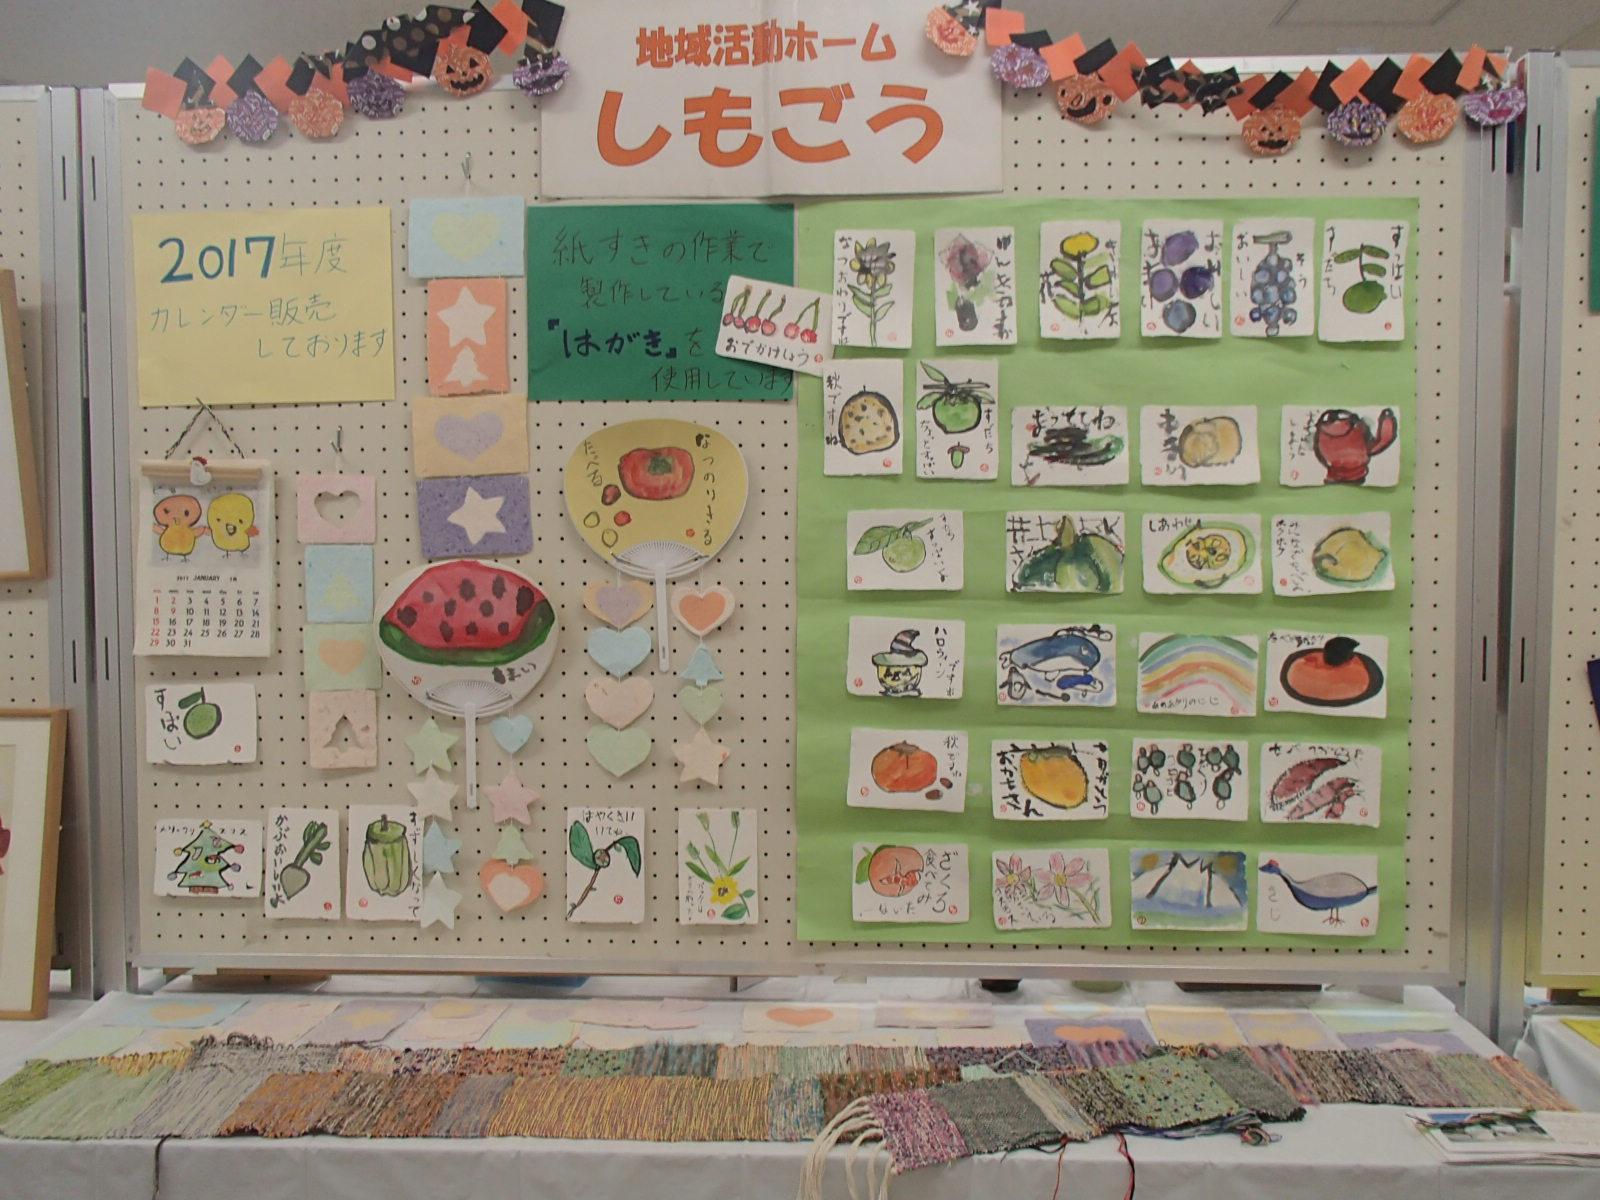 ふれあい文化祭 003.JPG